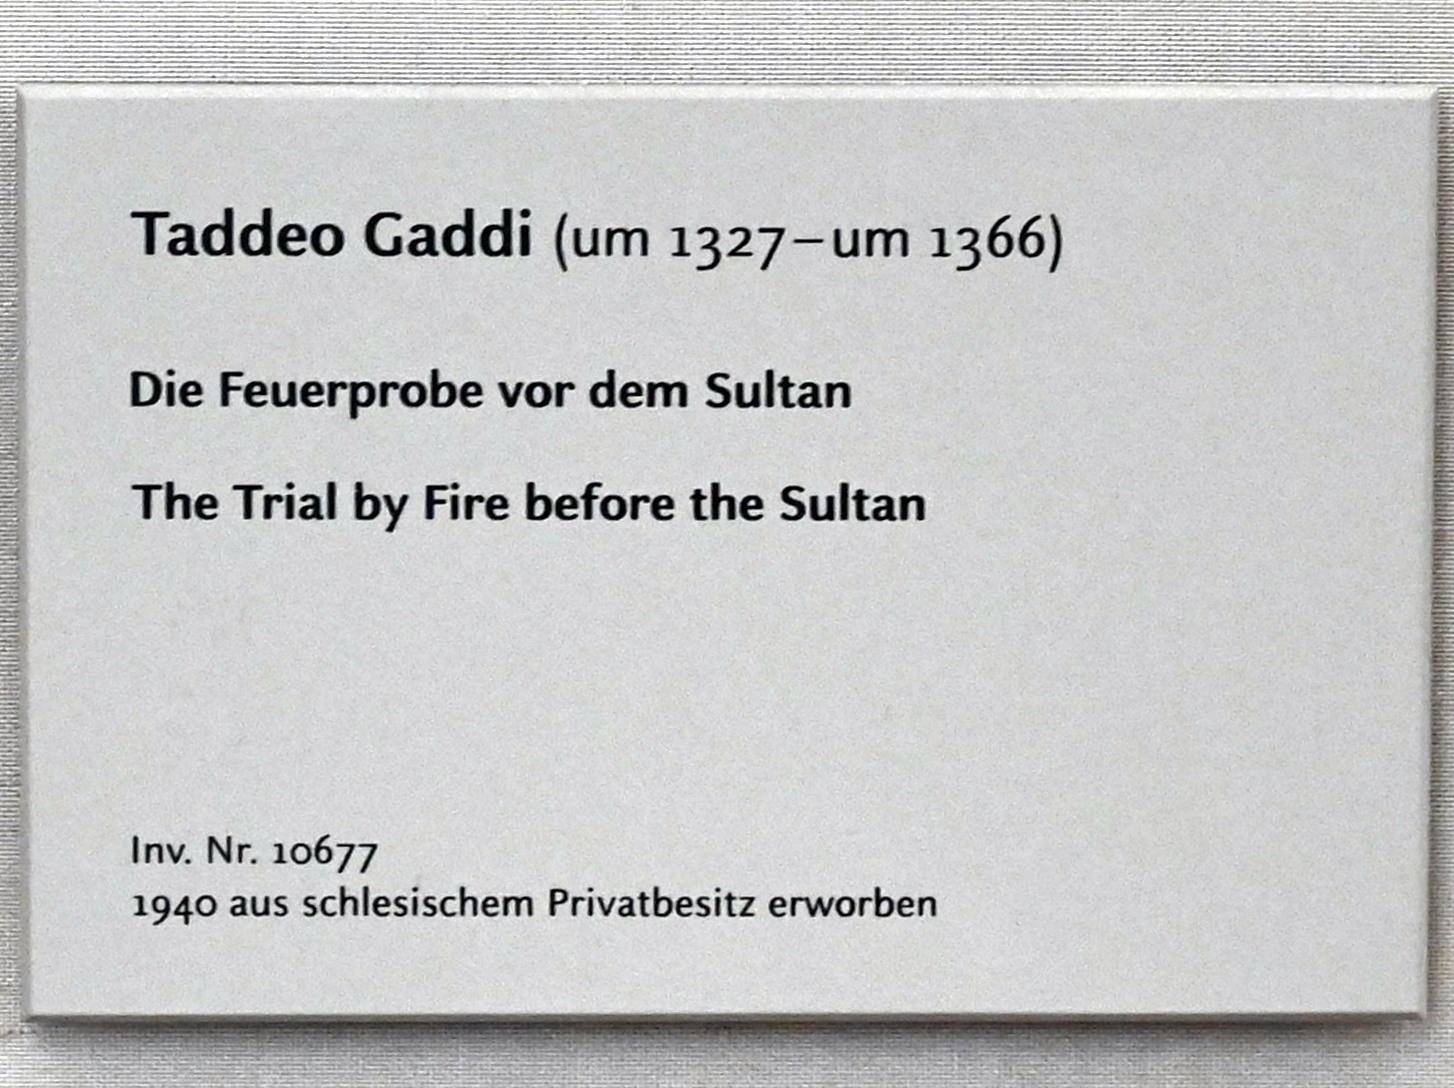 Taddeo Gaddi: Zwei Tafeln einer Sakristeibank aus S. Croce in Florenz, um 1335 - 1340, Bild 2/2